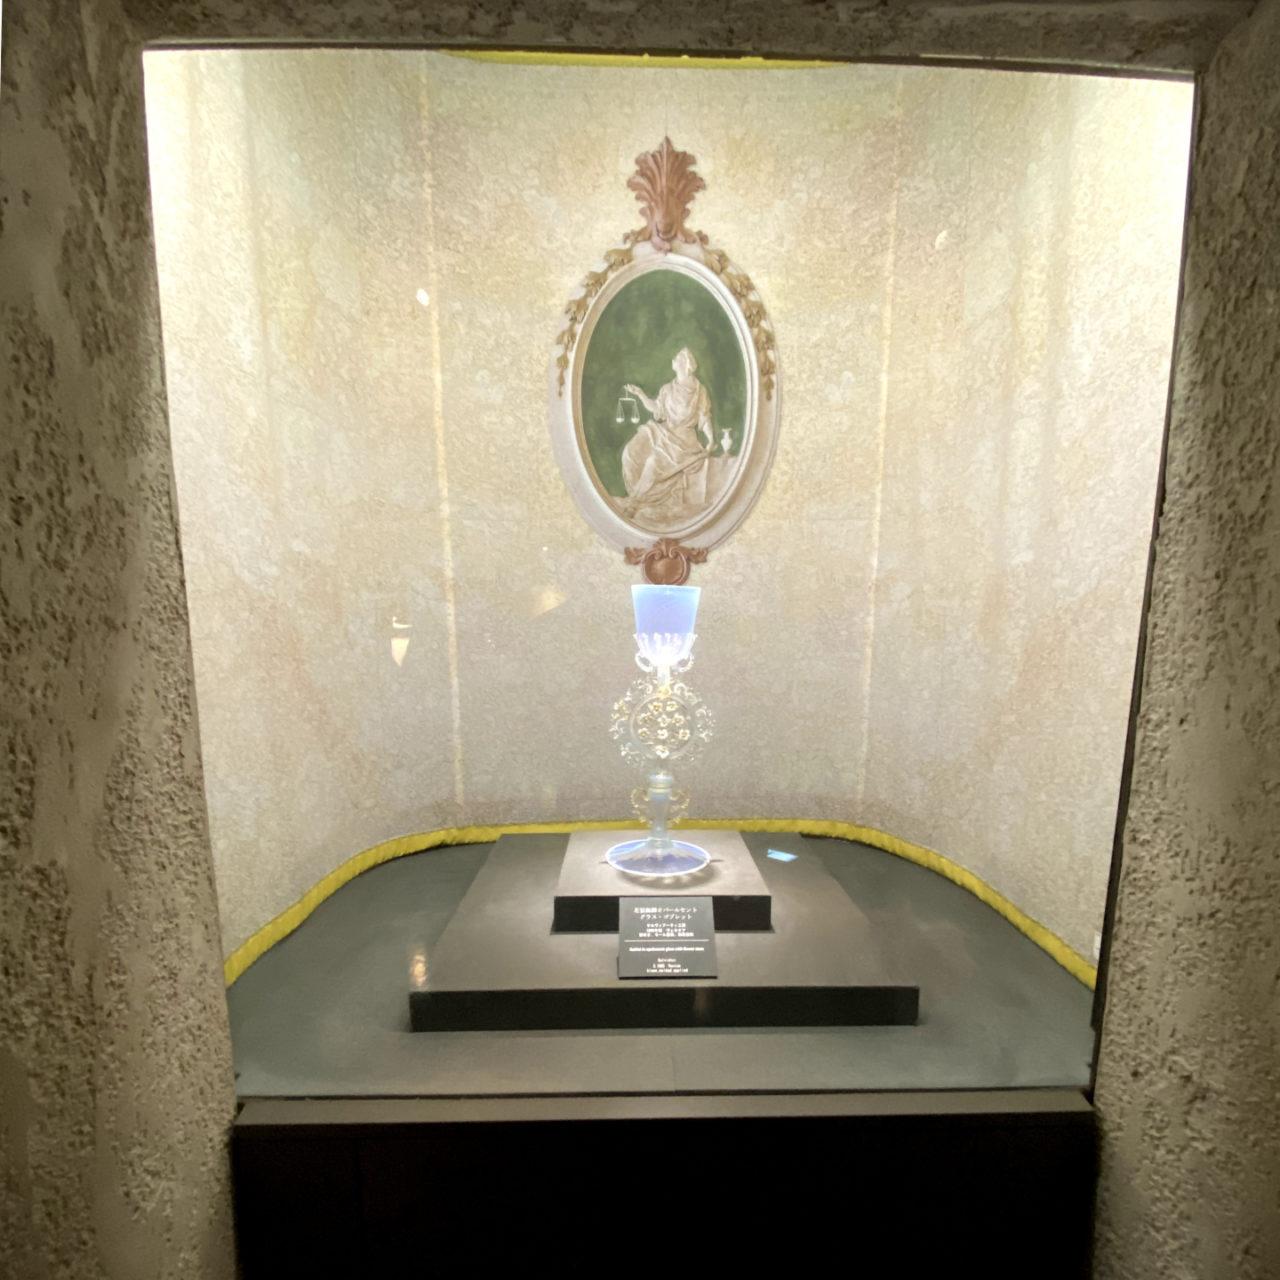 天使のようなベネチアングラス、美術館の展示